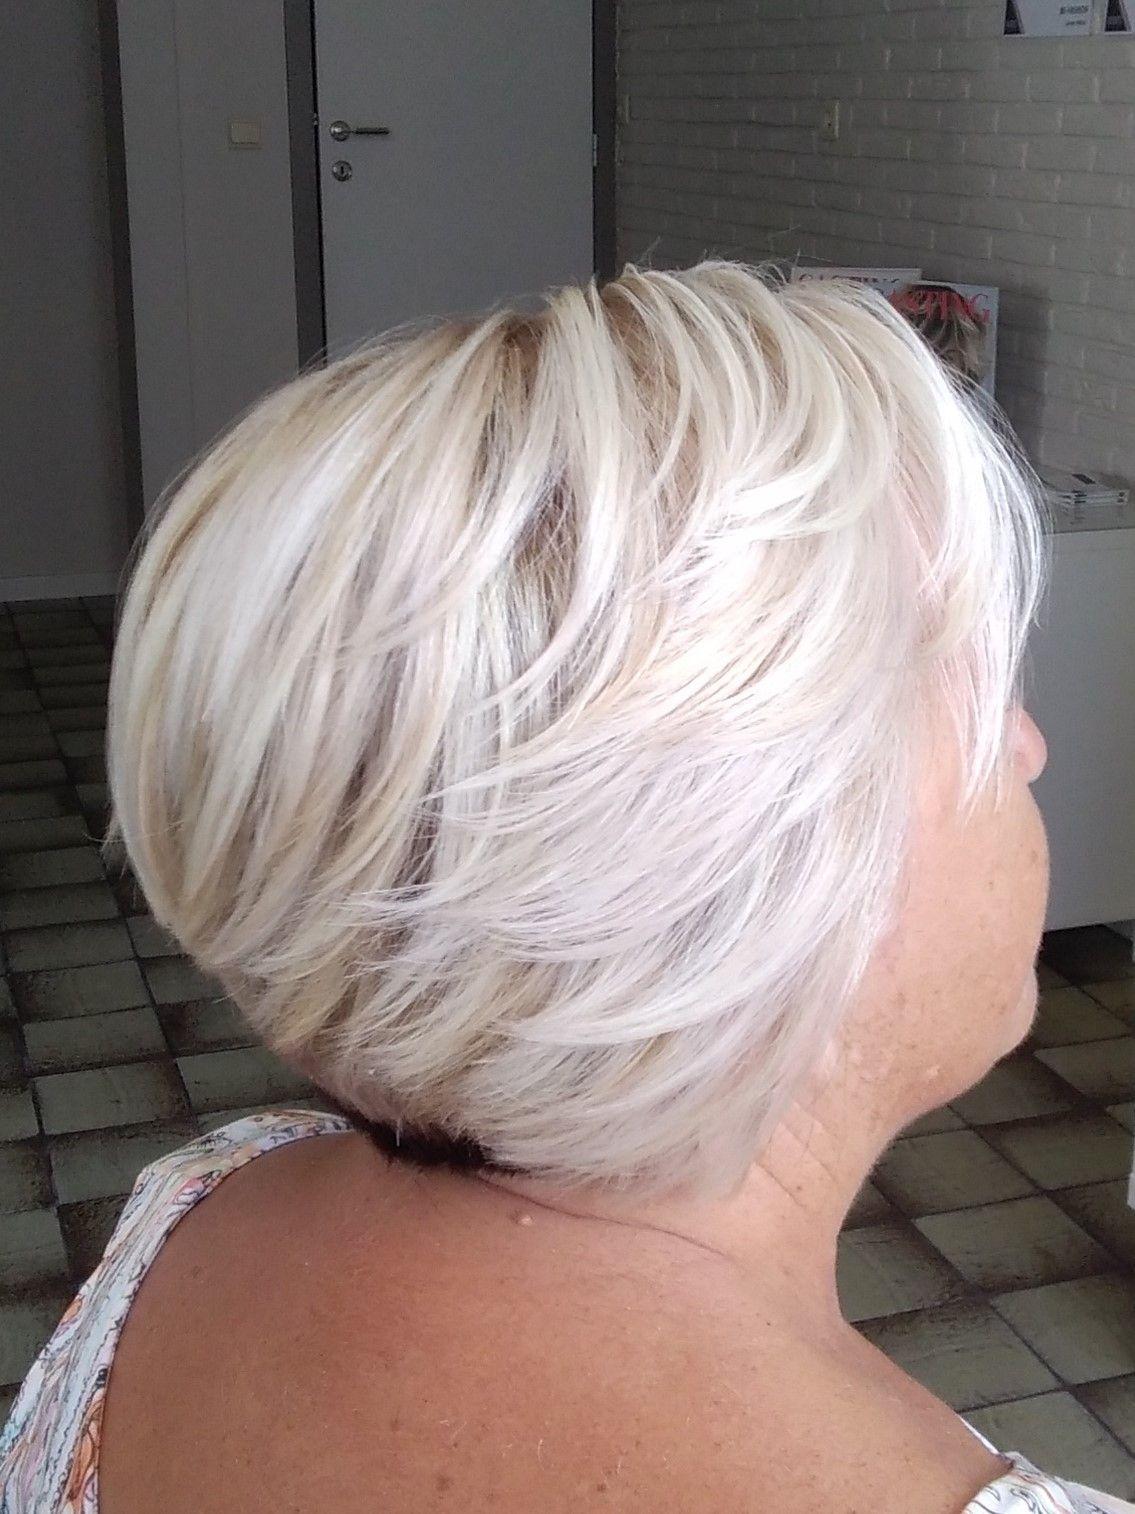 Dames 50 Kapseltrends 2018 Kort Bobkapsel Platina Blond Bob Haar Korte Bobkapsels Mode Kapsels